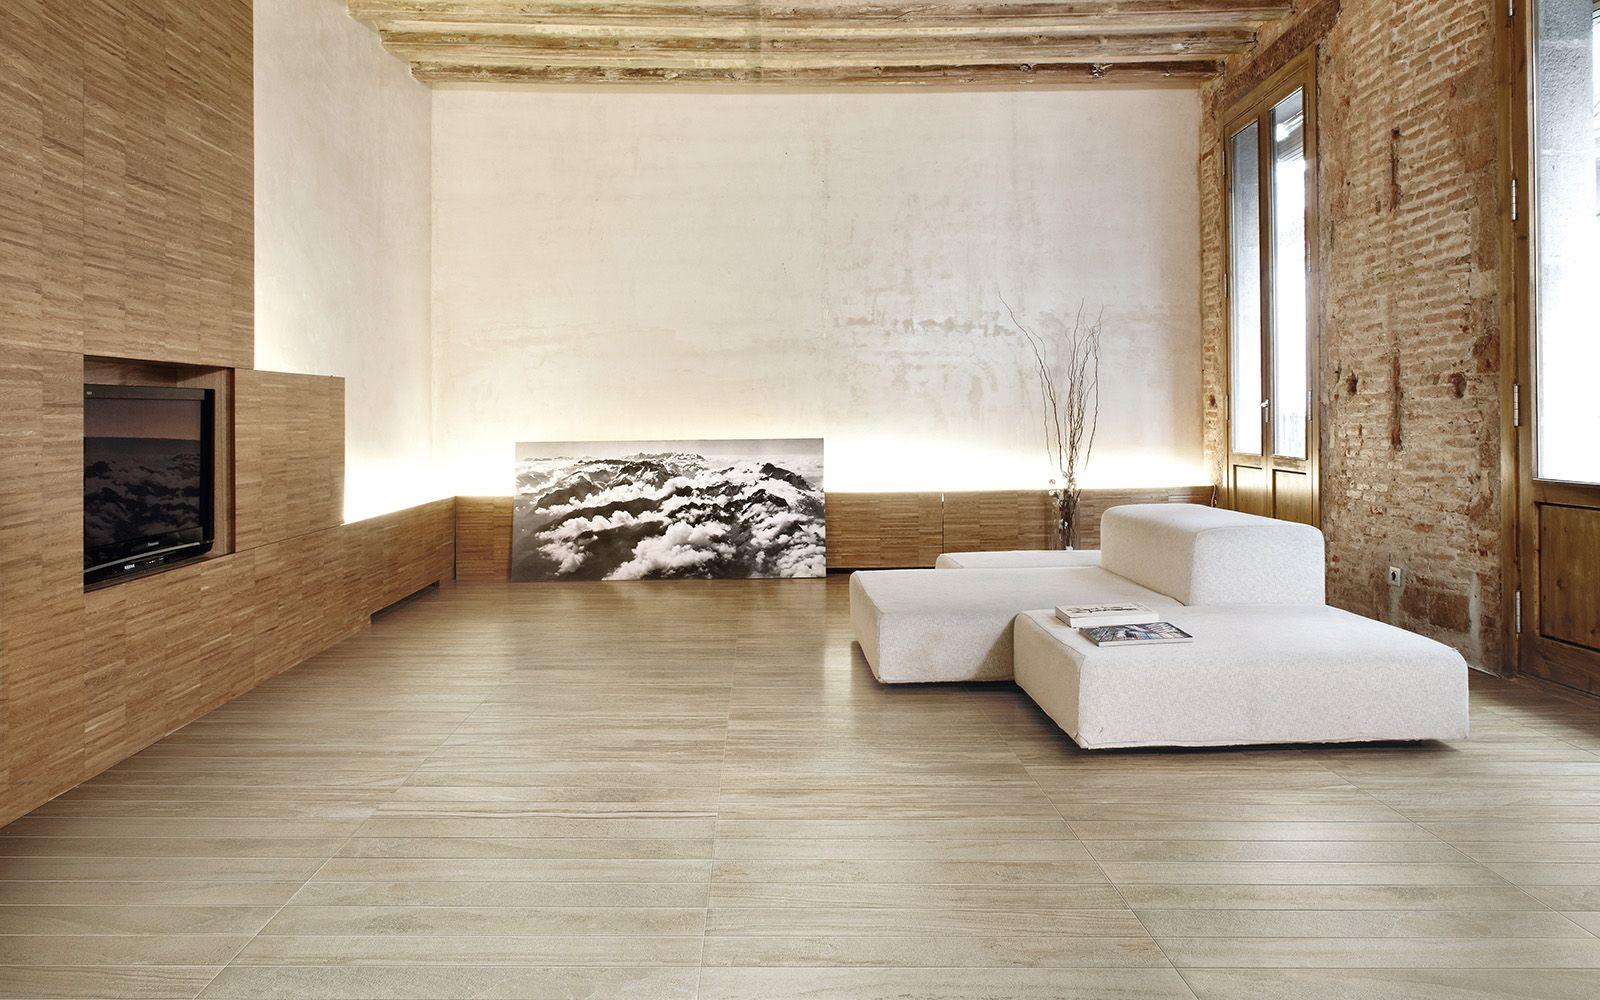 Vanite Salle De Bain Ciot ~ dom ceramiche stone fusion piastrelle pinterest